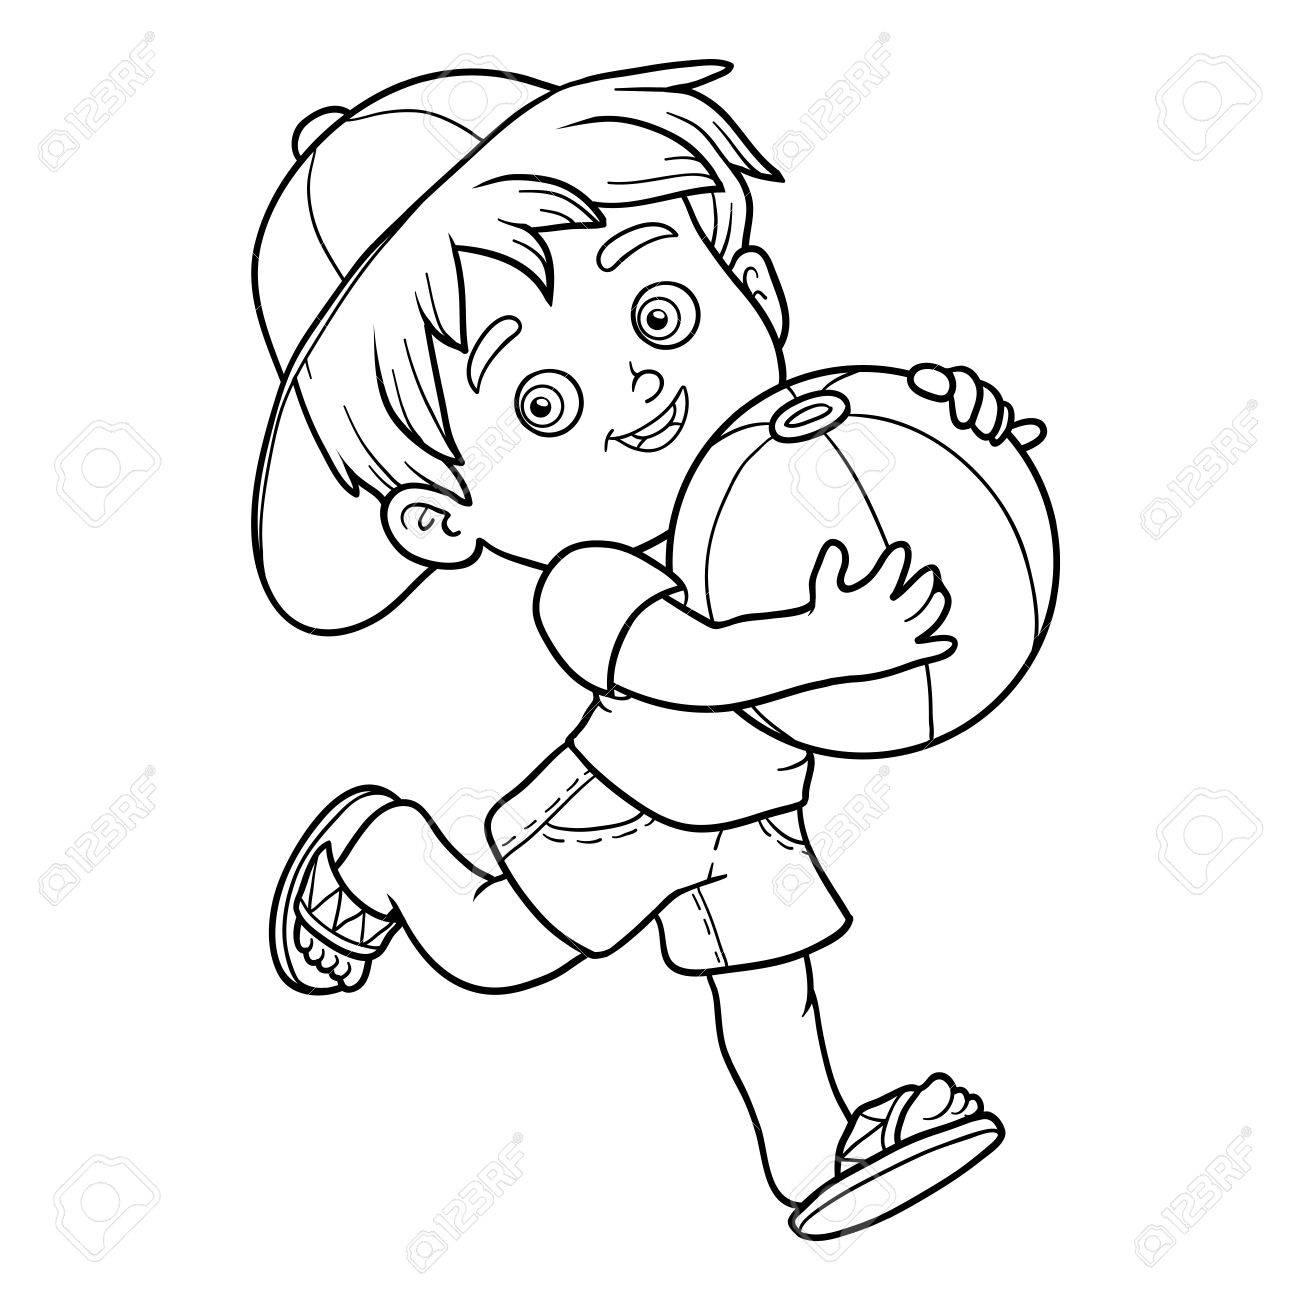 Livre A Colorier Pour Les Enfants Petit Garcon Avec Ballon Gonflable Clip Art Libres De Droits Vecteurs Et Illustration Image 56256076